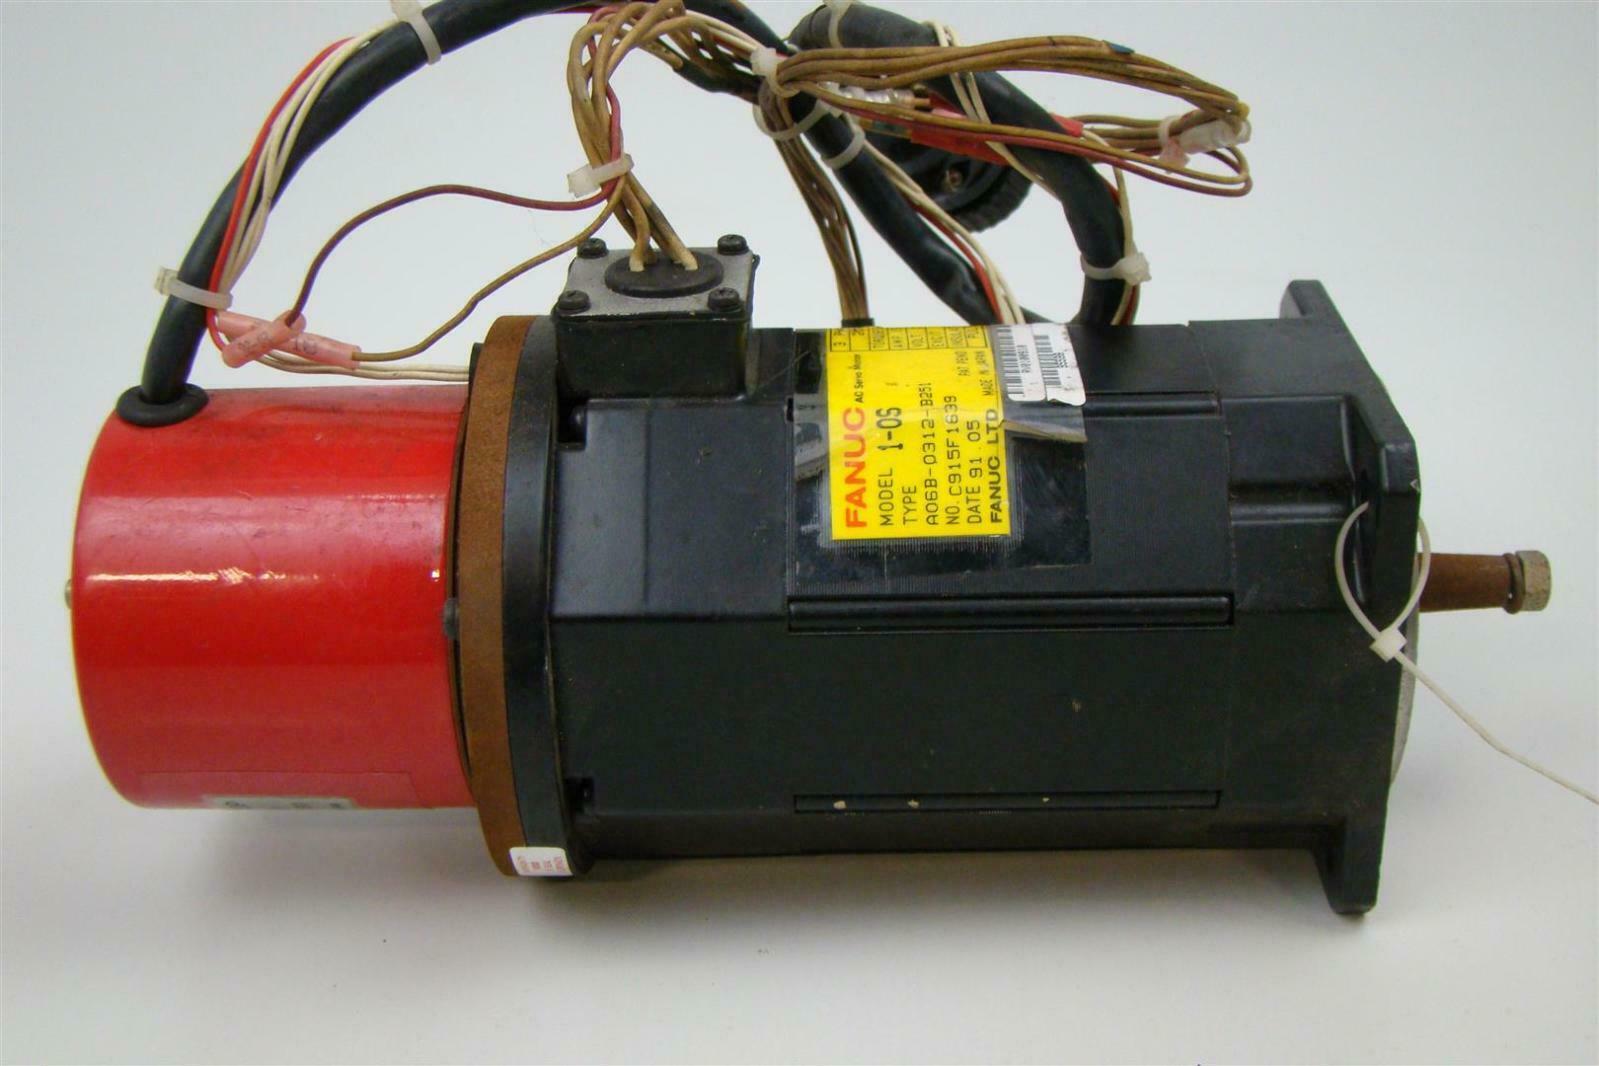 Fanuc Ac Servo Motor 3ph 8 Poles 2000rpm C915f1639 A06b 0312 B251 1 0s Joseph Fazzio Incorporated